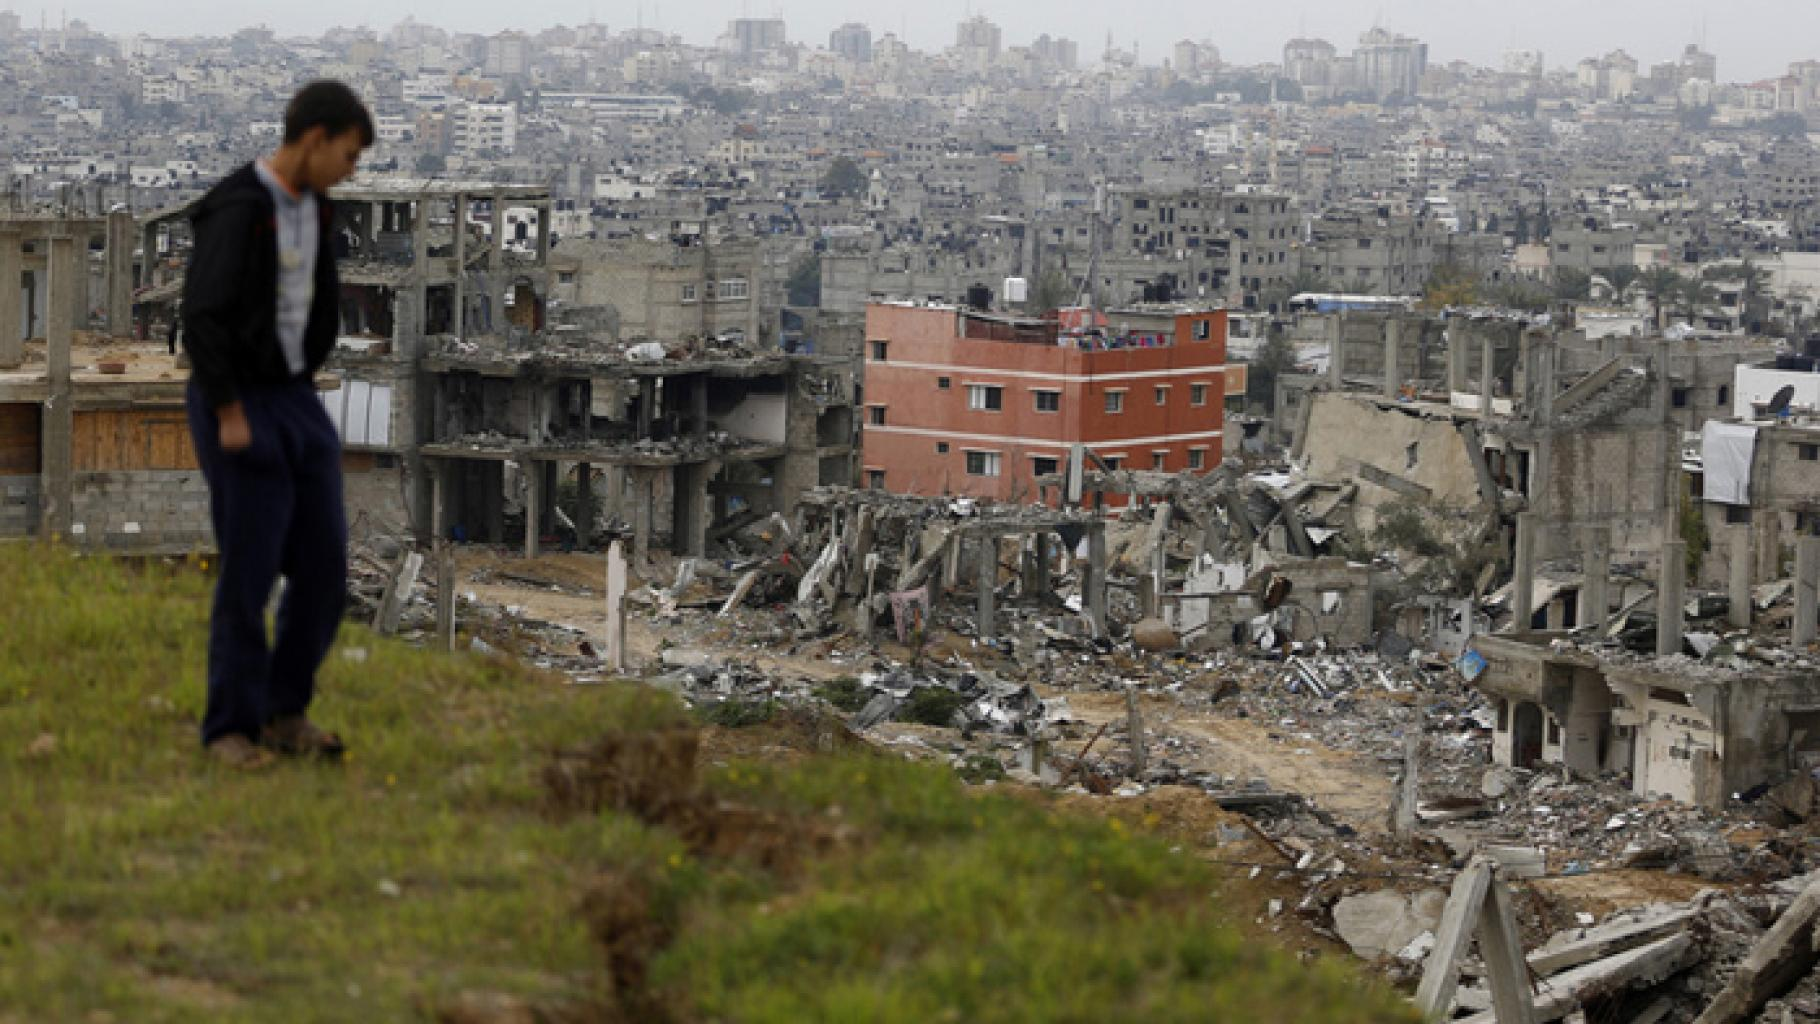 Ein Mann blickt von einem Hügel auf eine zerstörte Stadt herab.